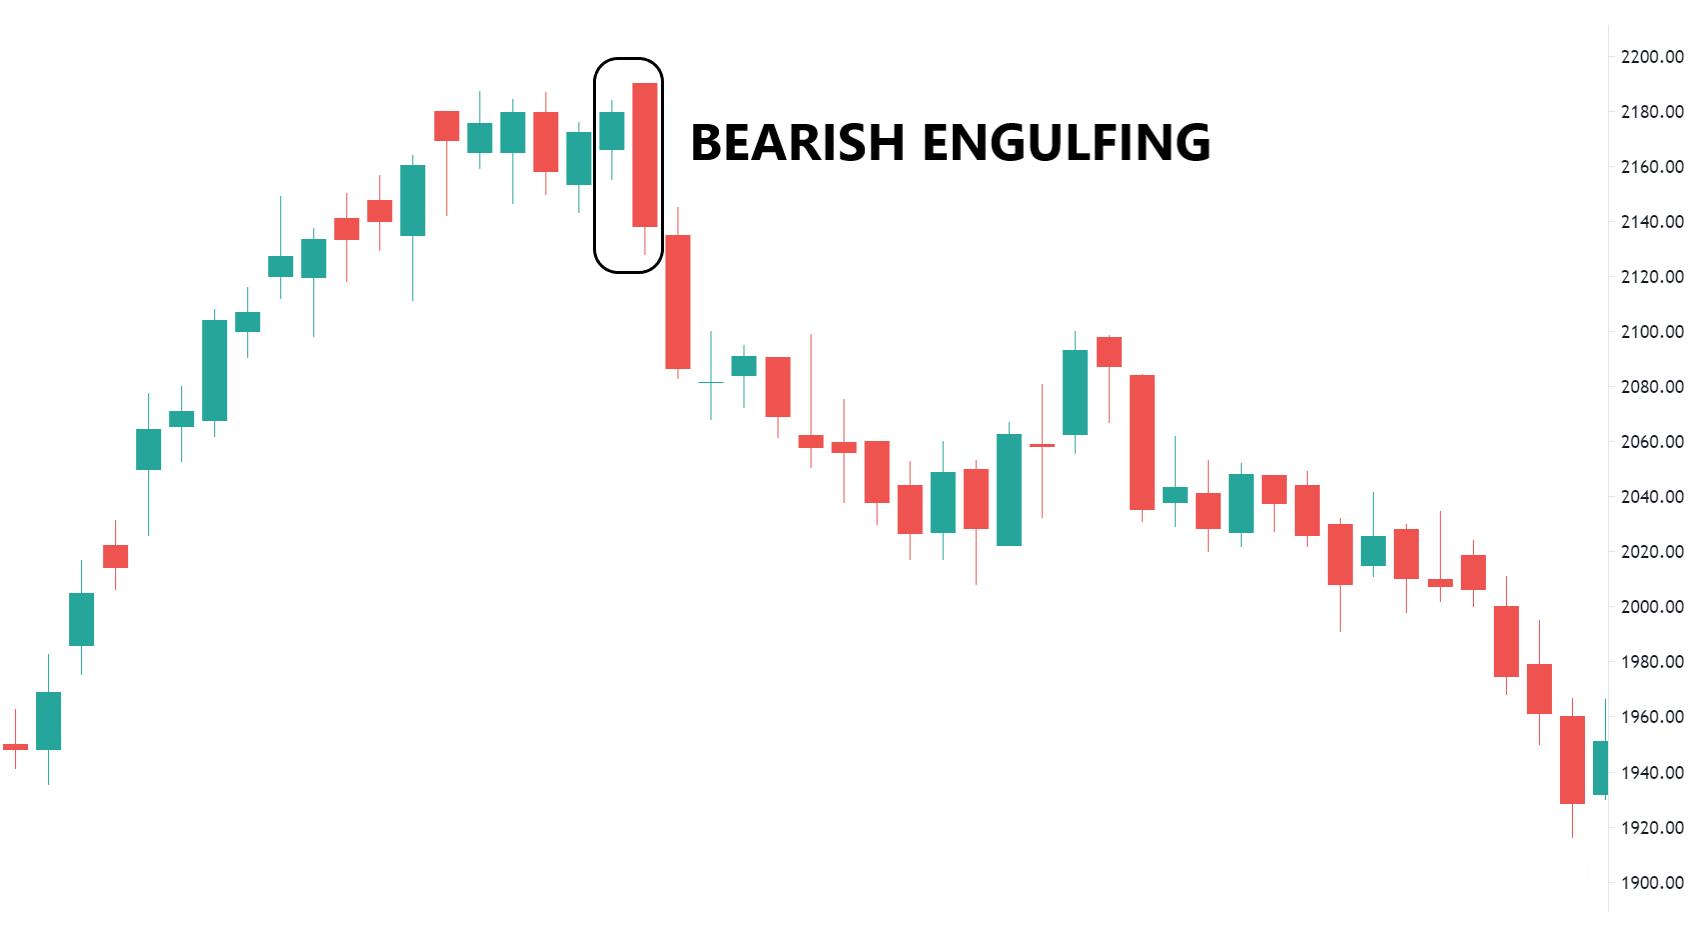 Bearish Engulfing Example